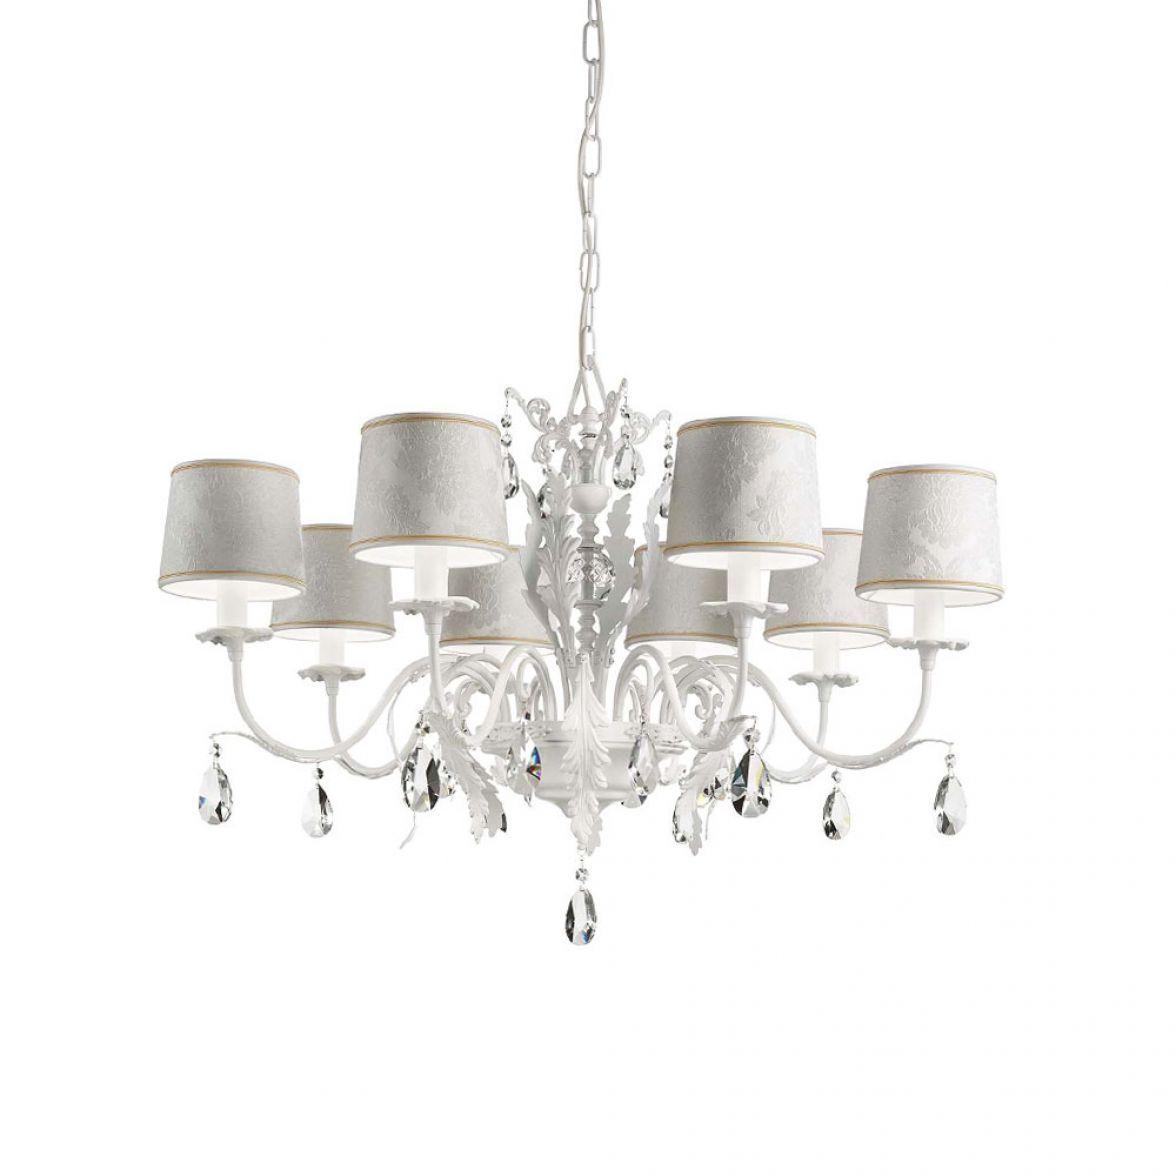 Acantia chandelier